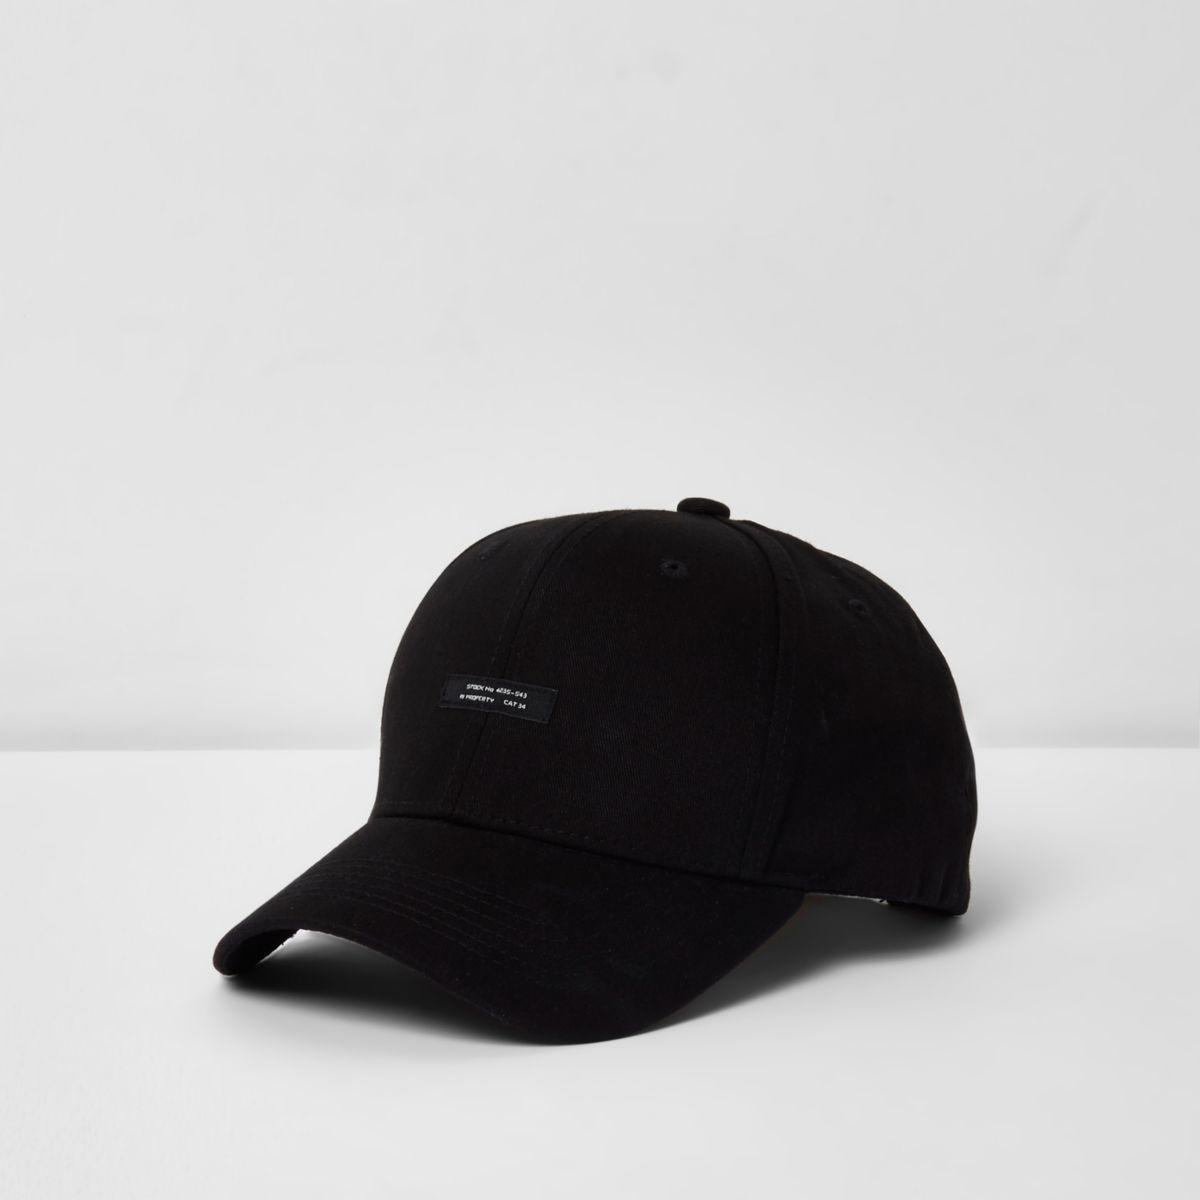 Casquette de baseball noire